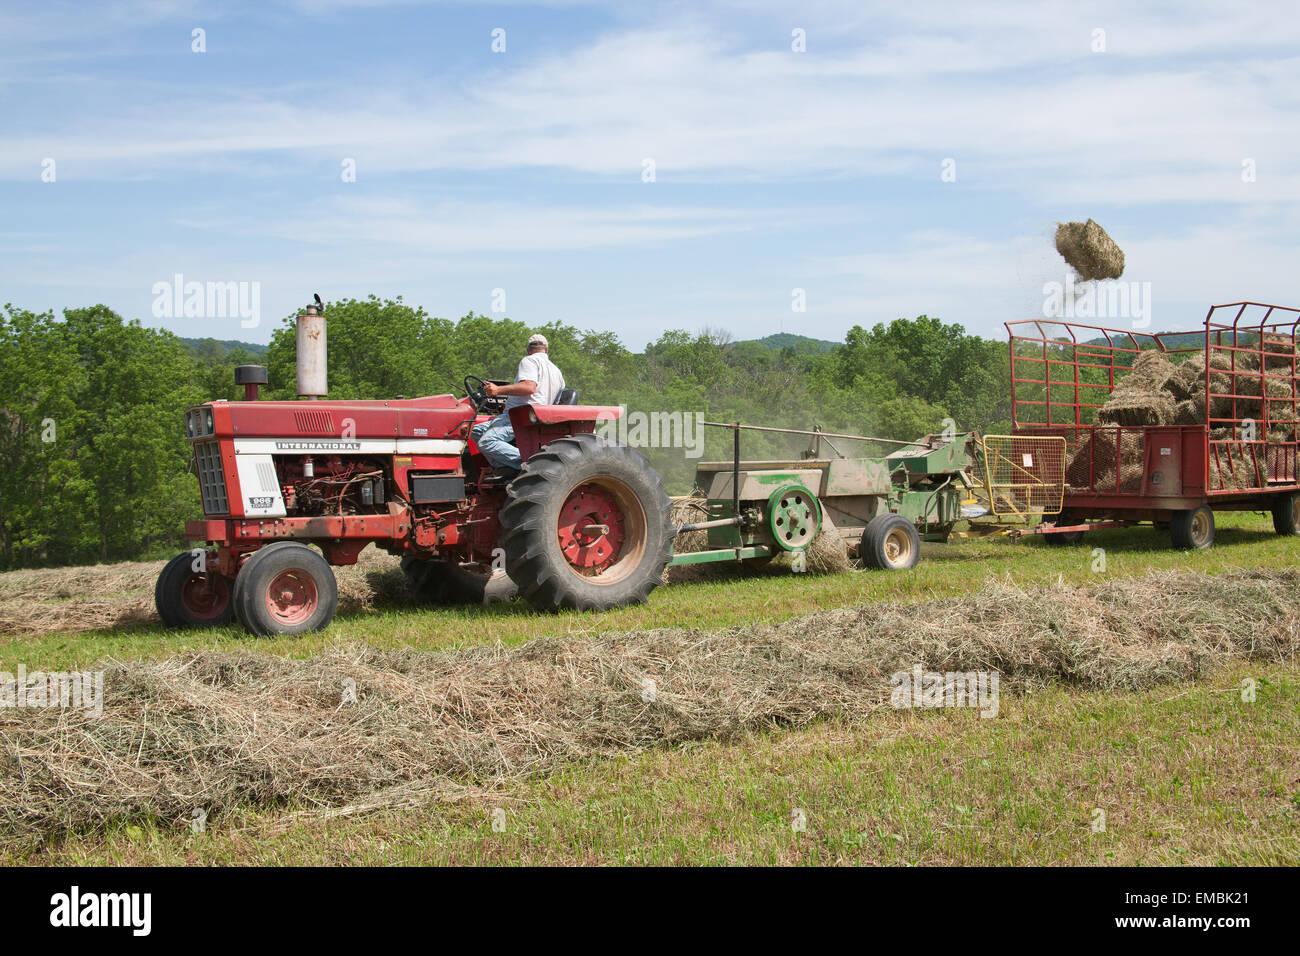 International Tractor In Field